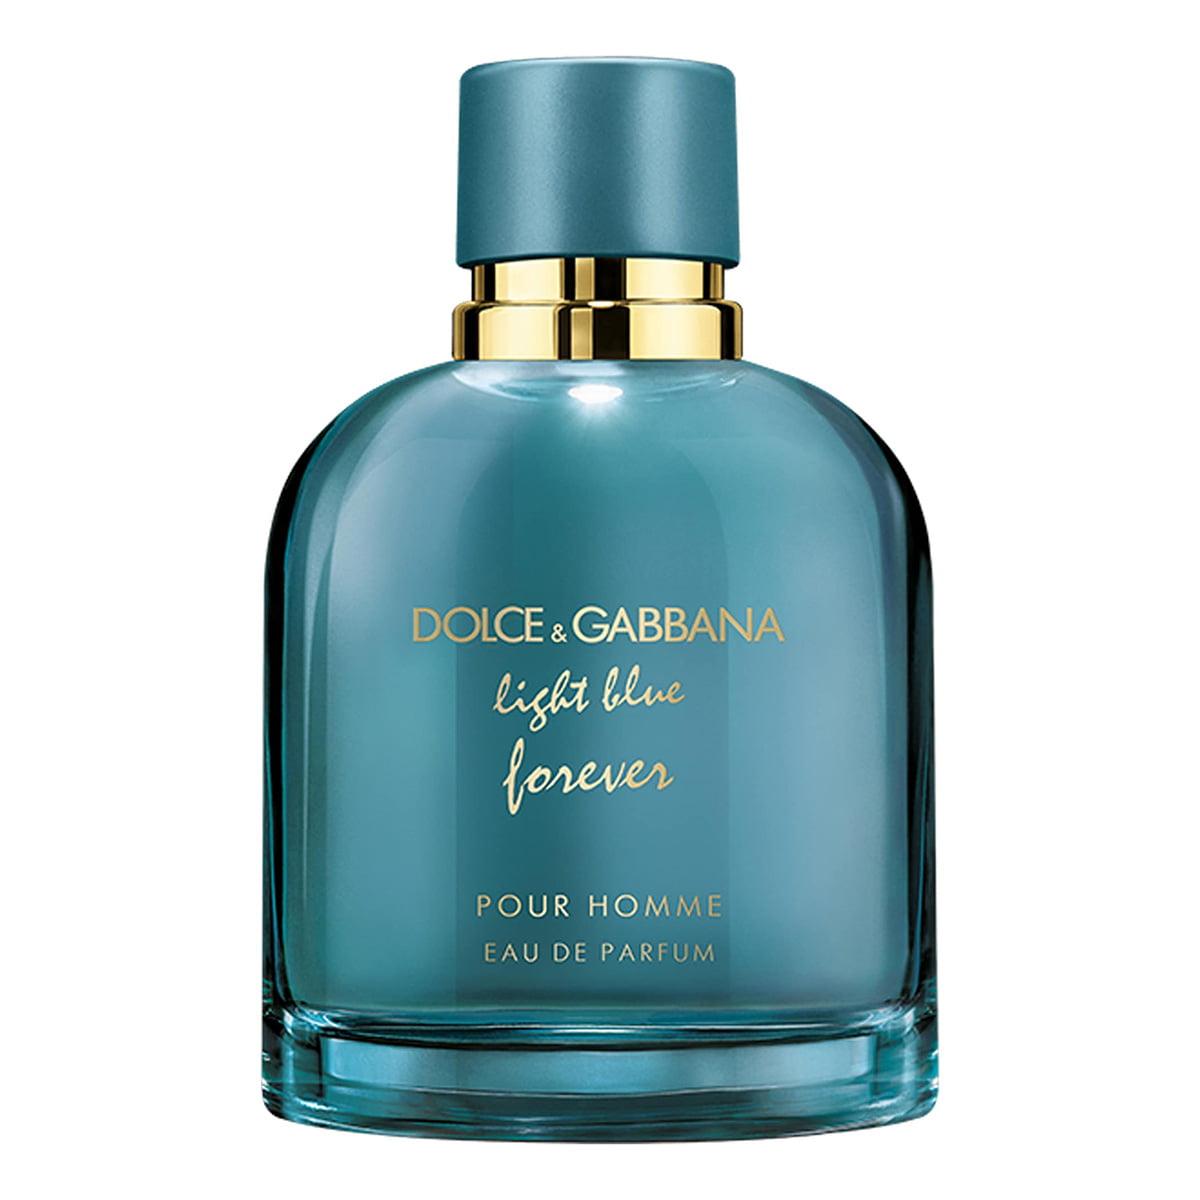 Light Blue Forever Homme - Eau de Parfum Dolce & Gabbana